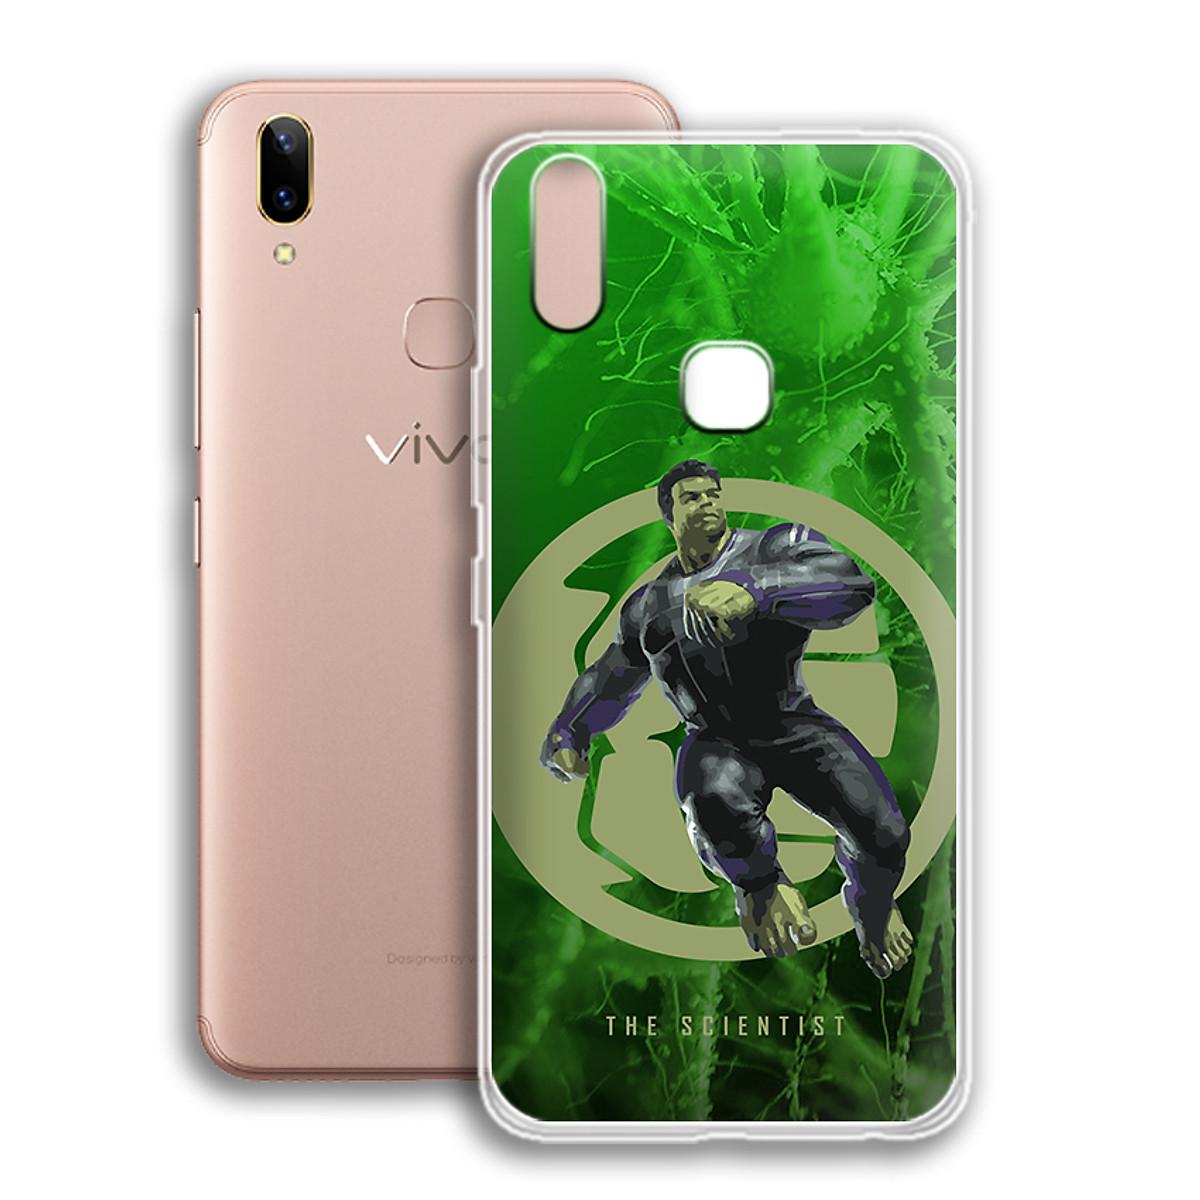 Ốp lưng dẻo cho điện thoại Vivo V9 - Y85 - 01113 0539 SCIENTIST01 - Hàng Chính Hãng